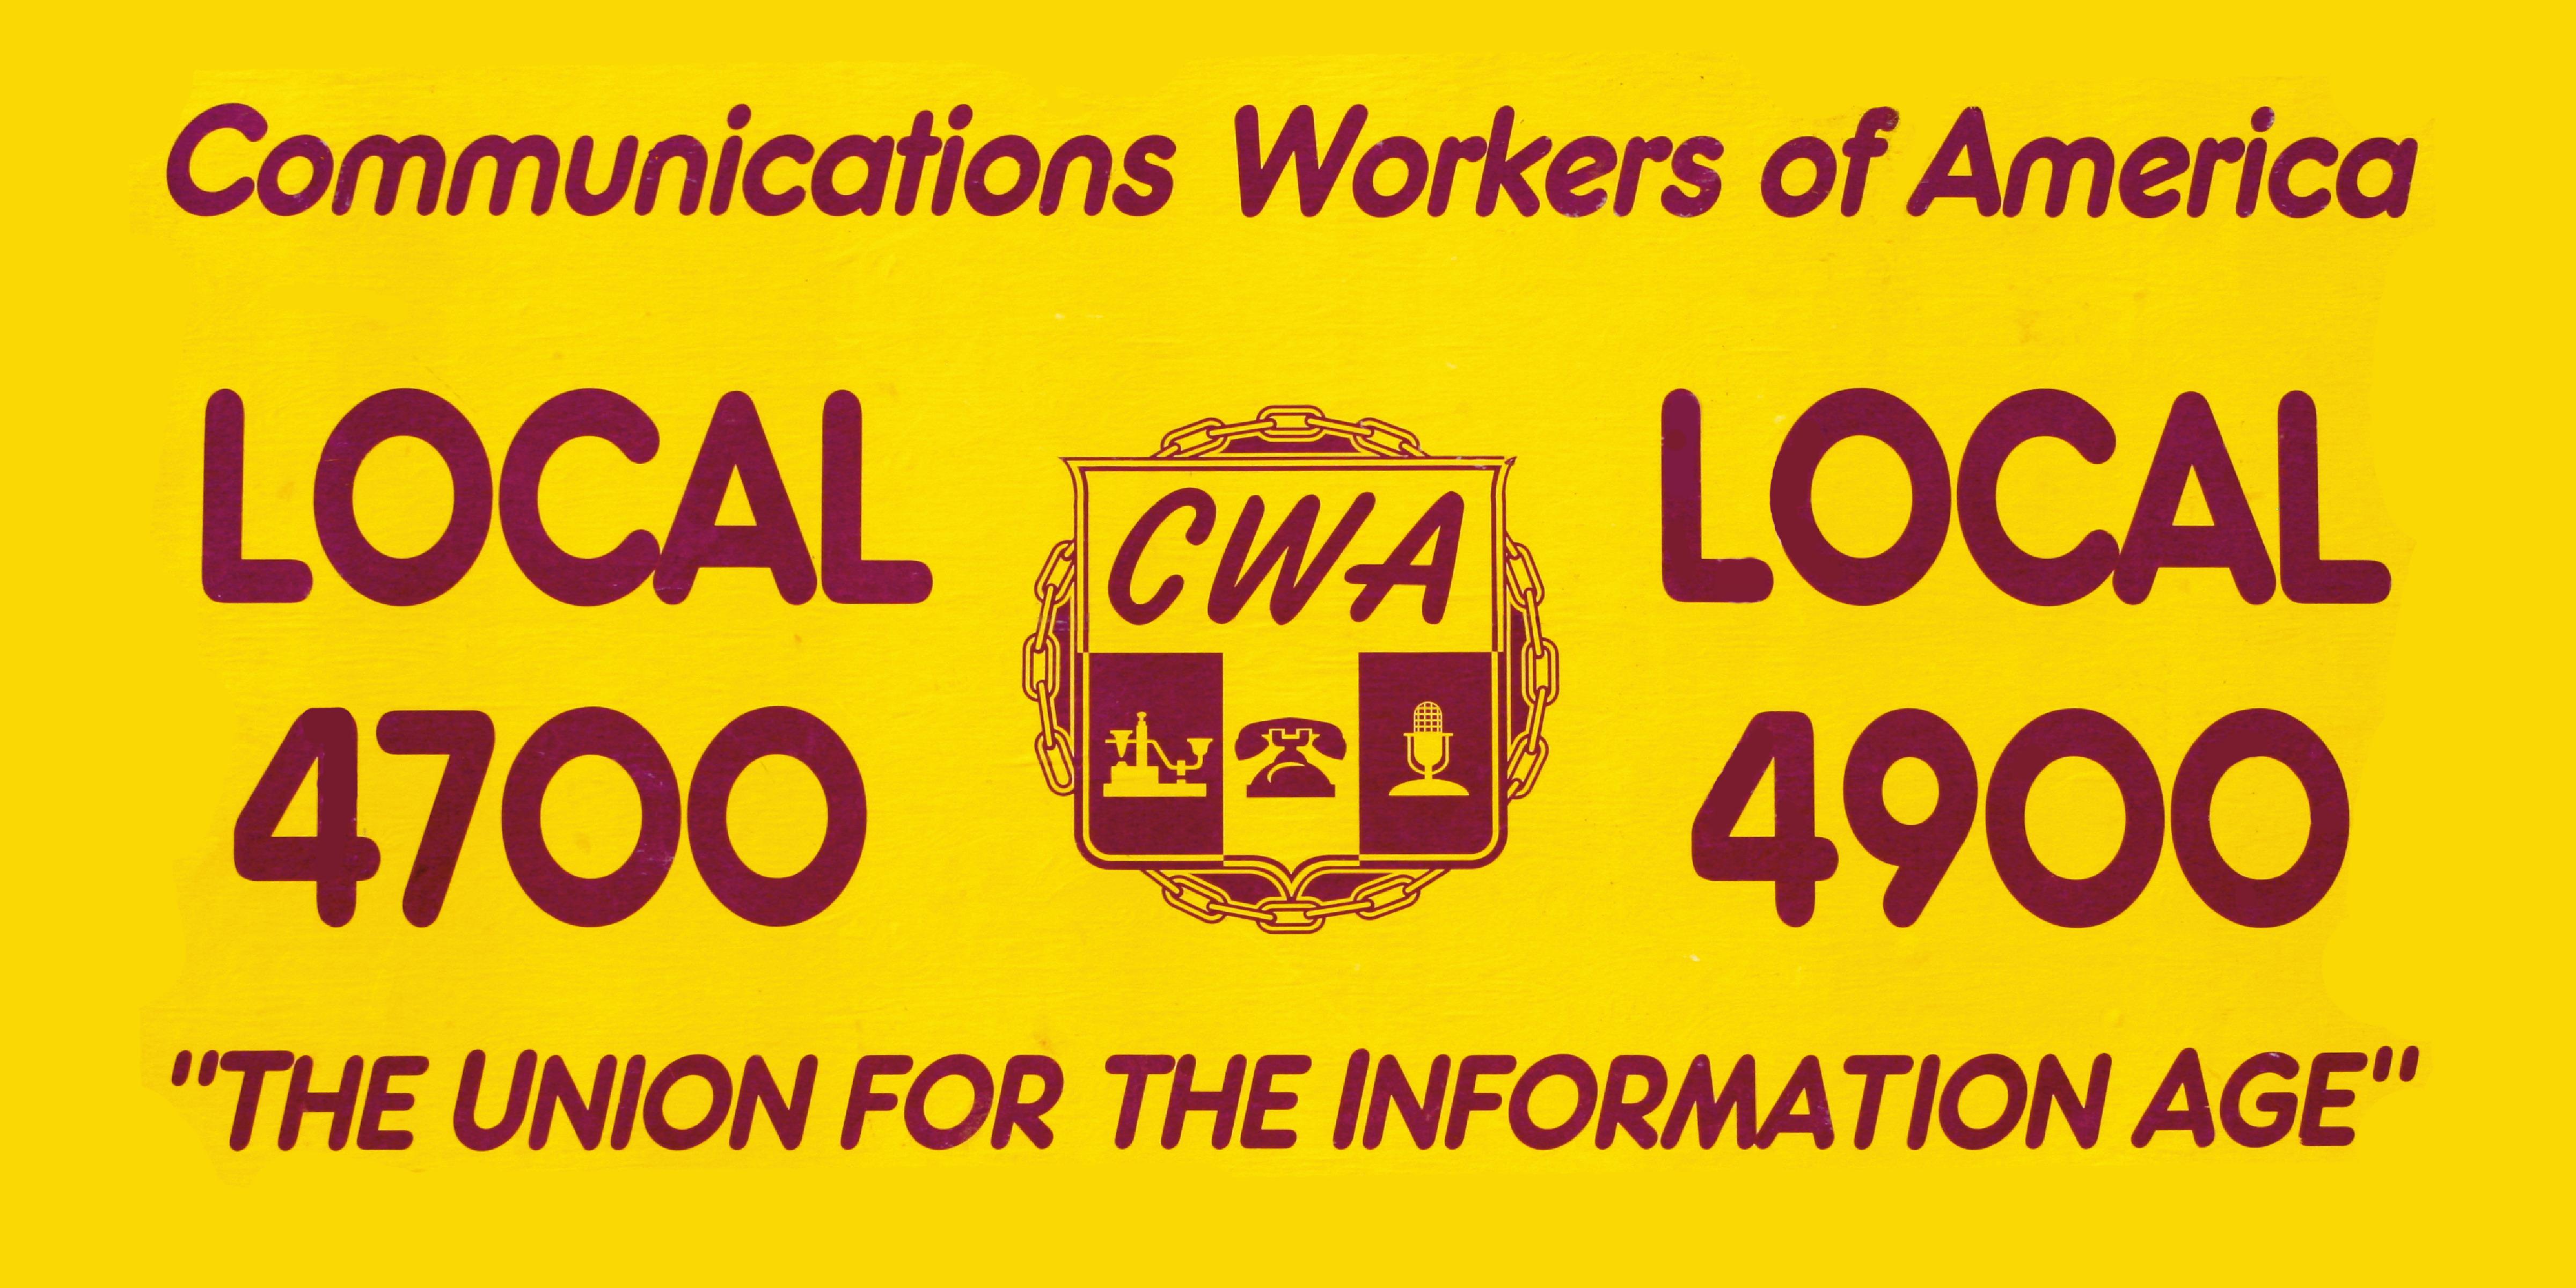 CWA-4700-4900